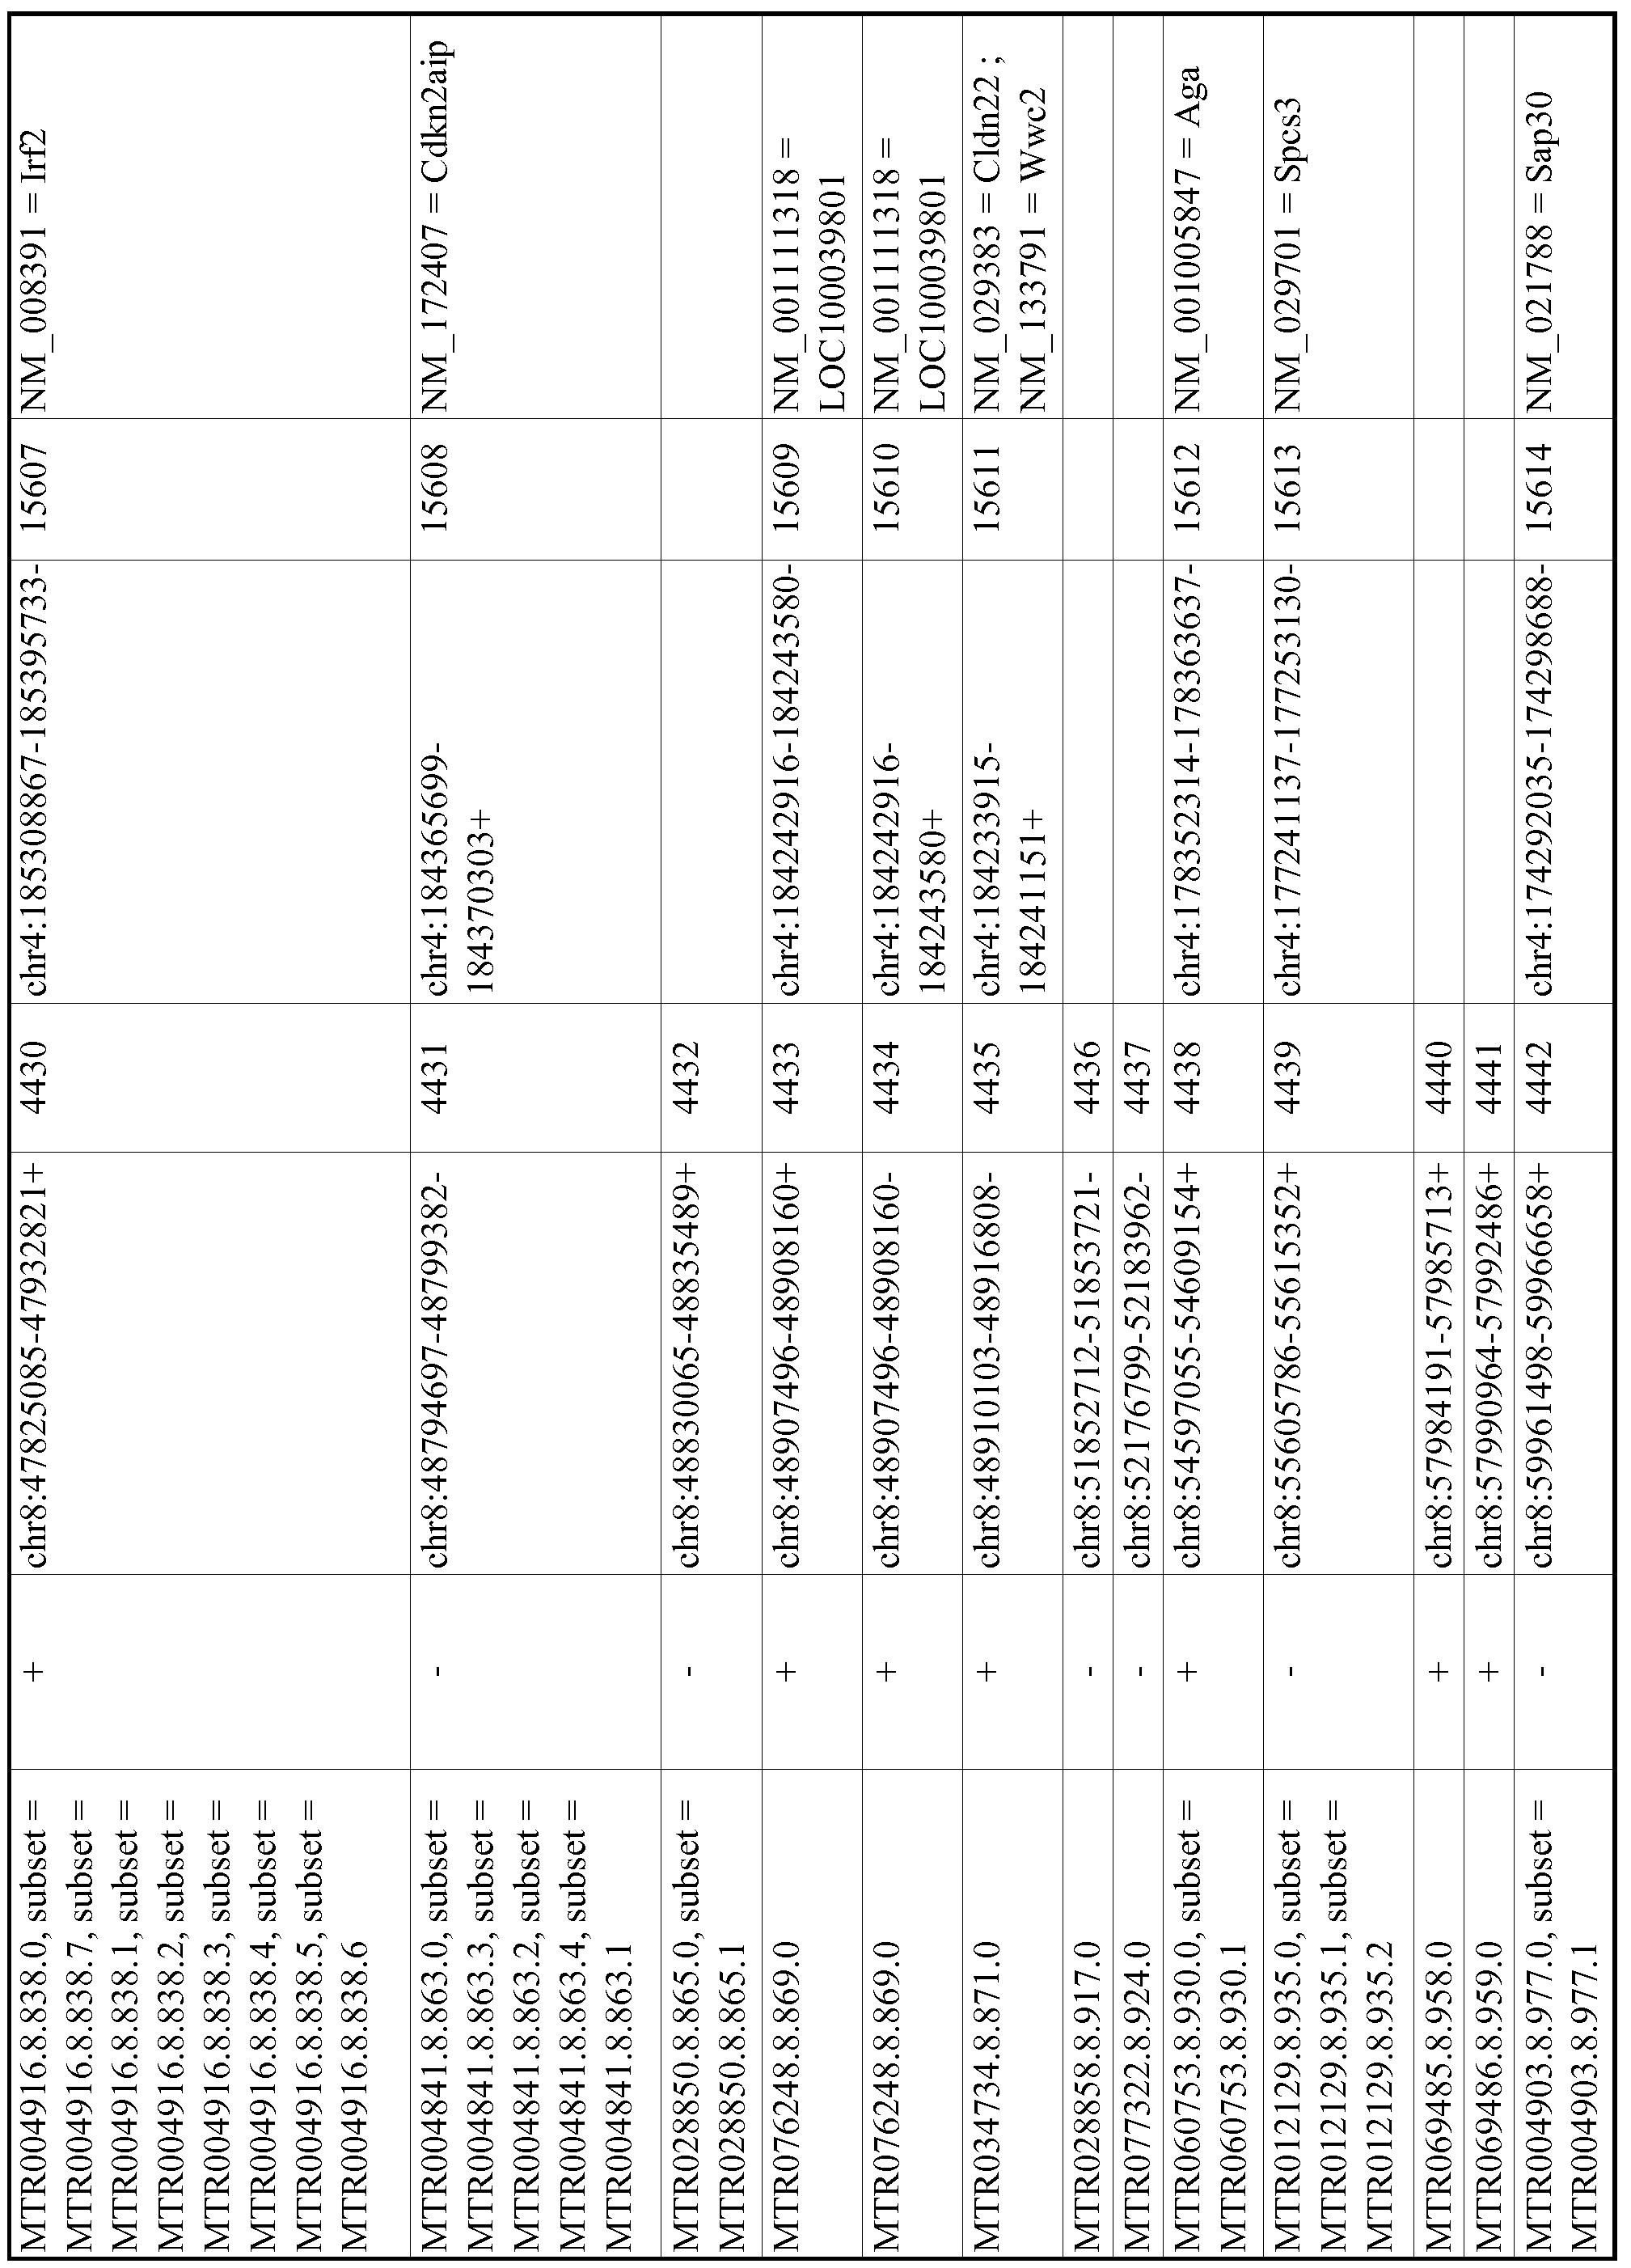 Figure imgf000826_0001